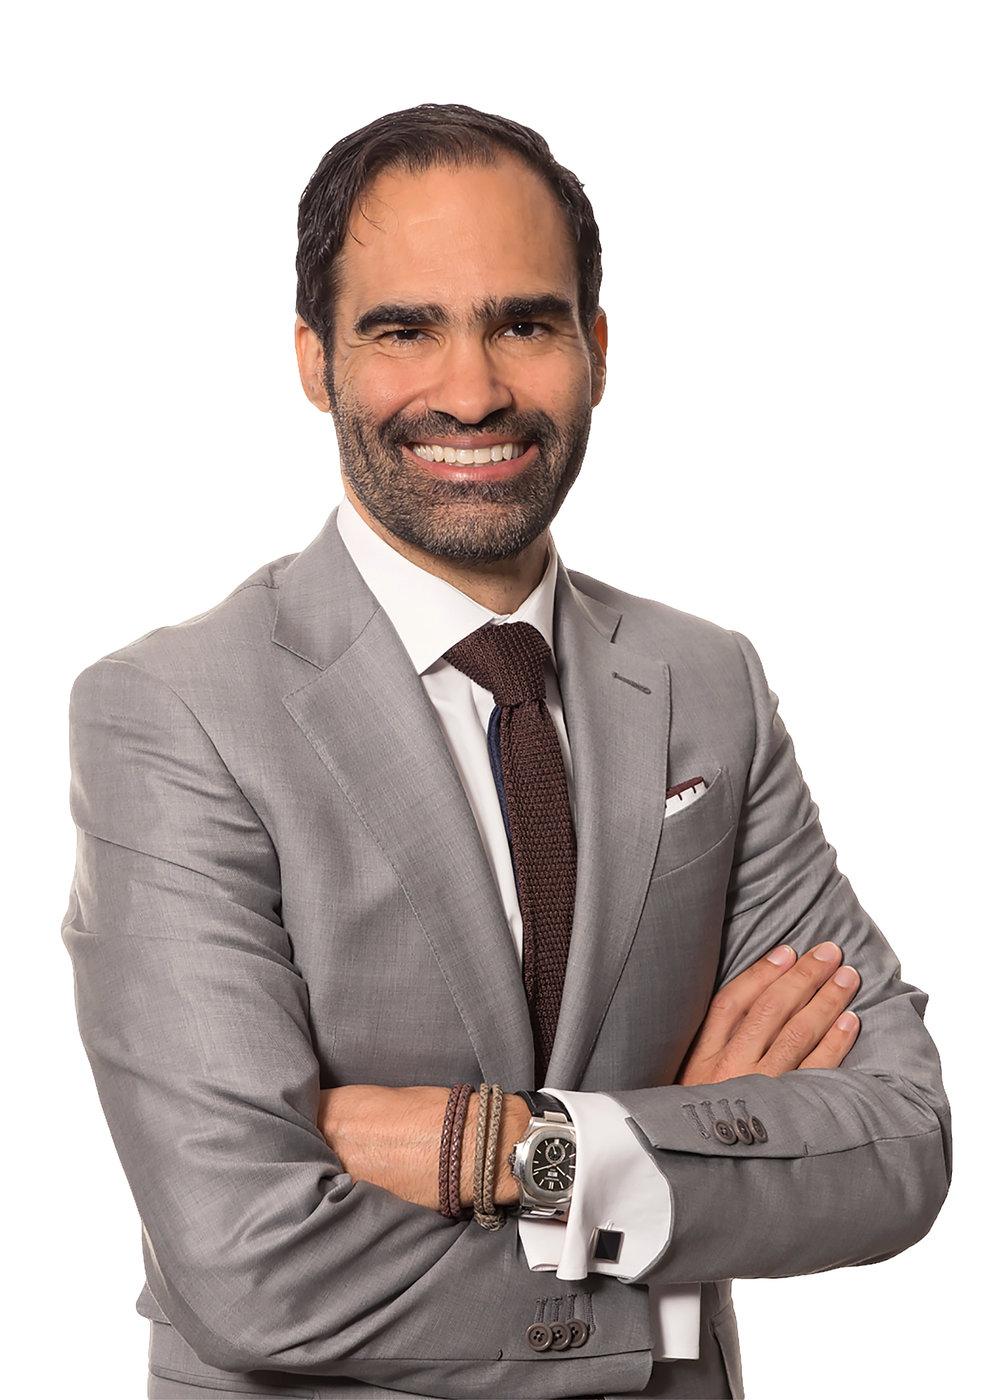 Daniel Langer CEO of ÉQUITÉ